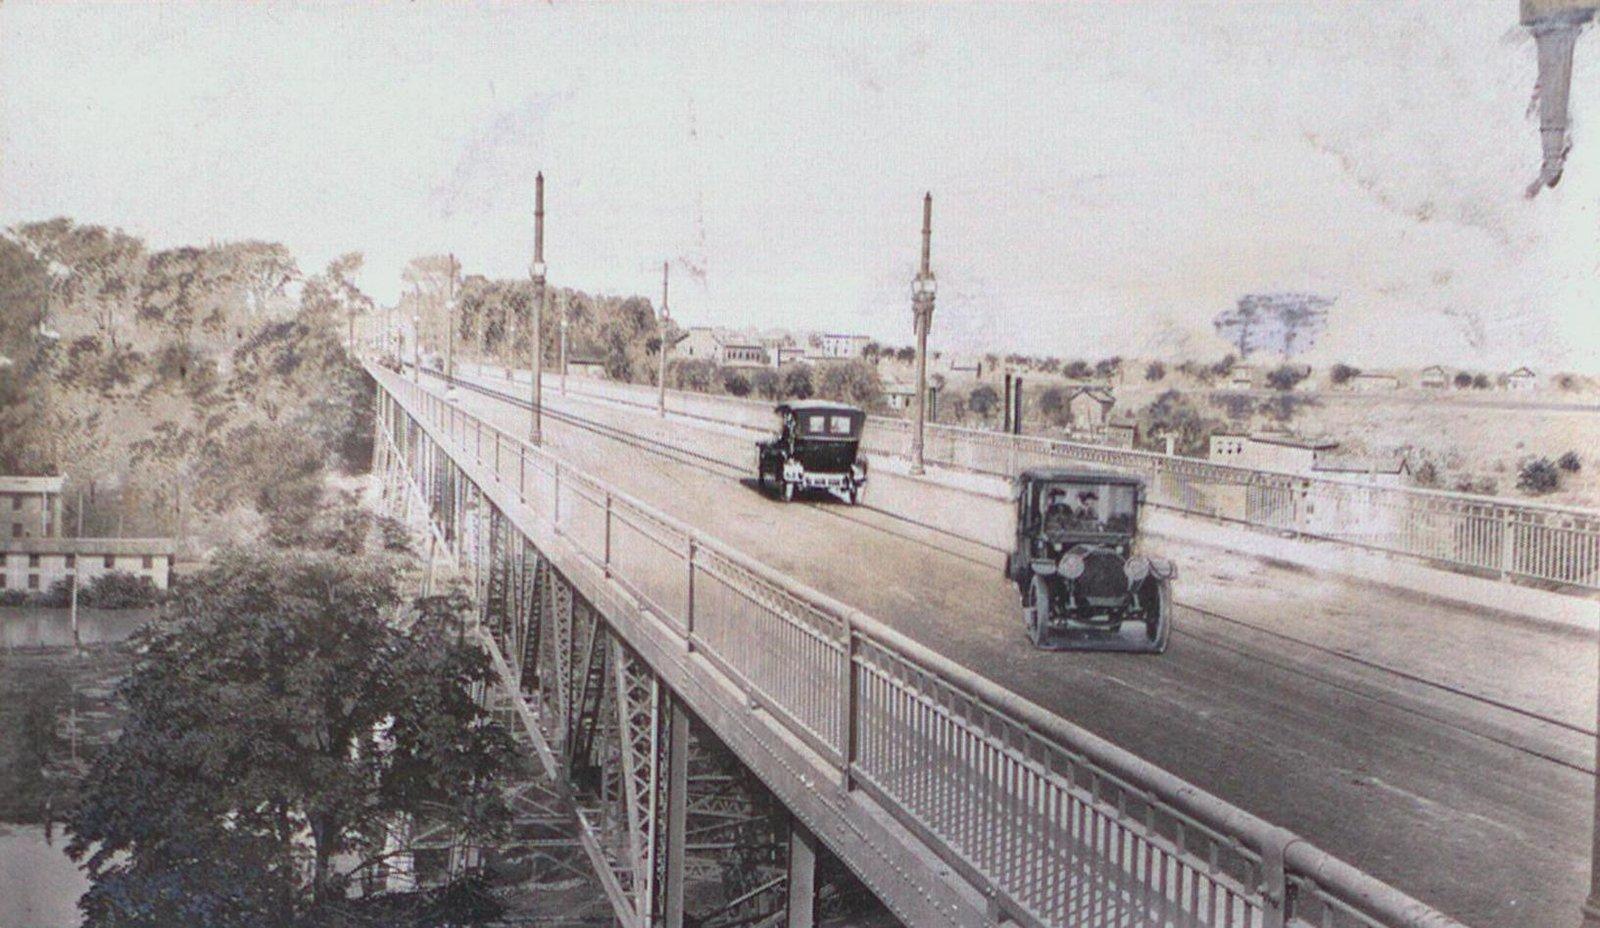 The Burgoyne Bridge